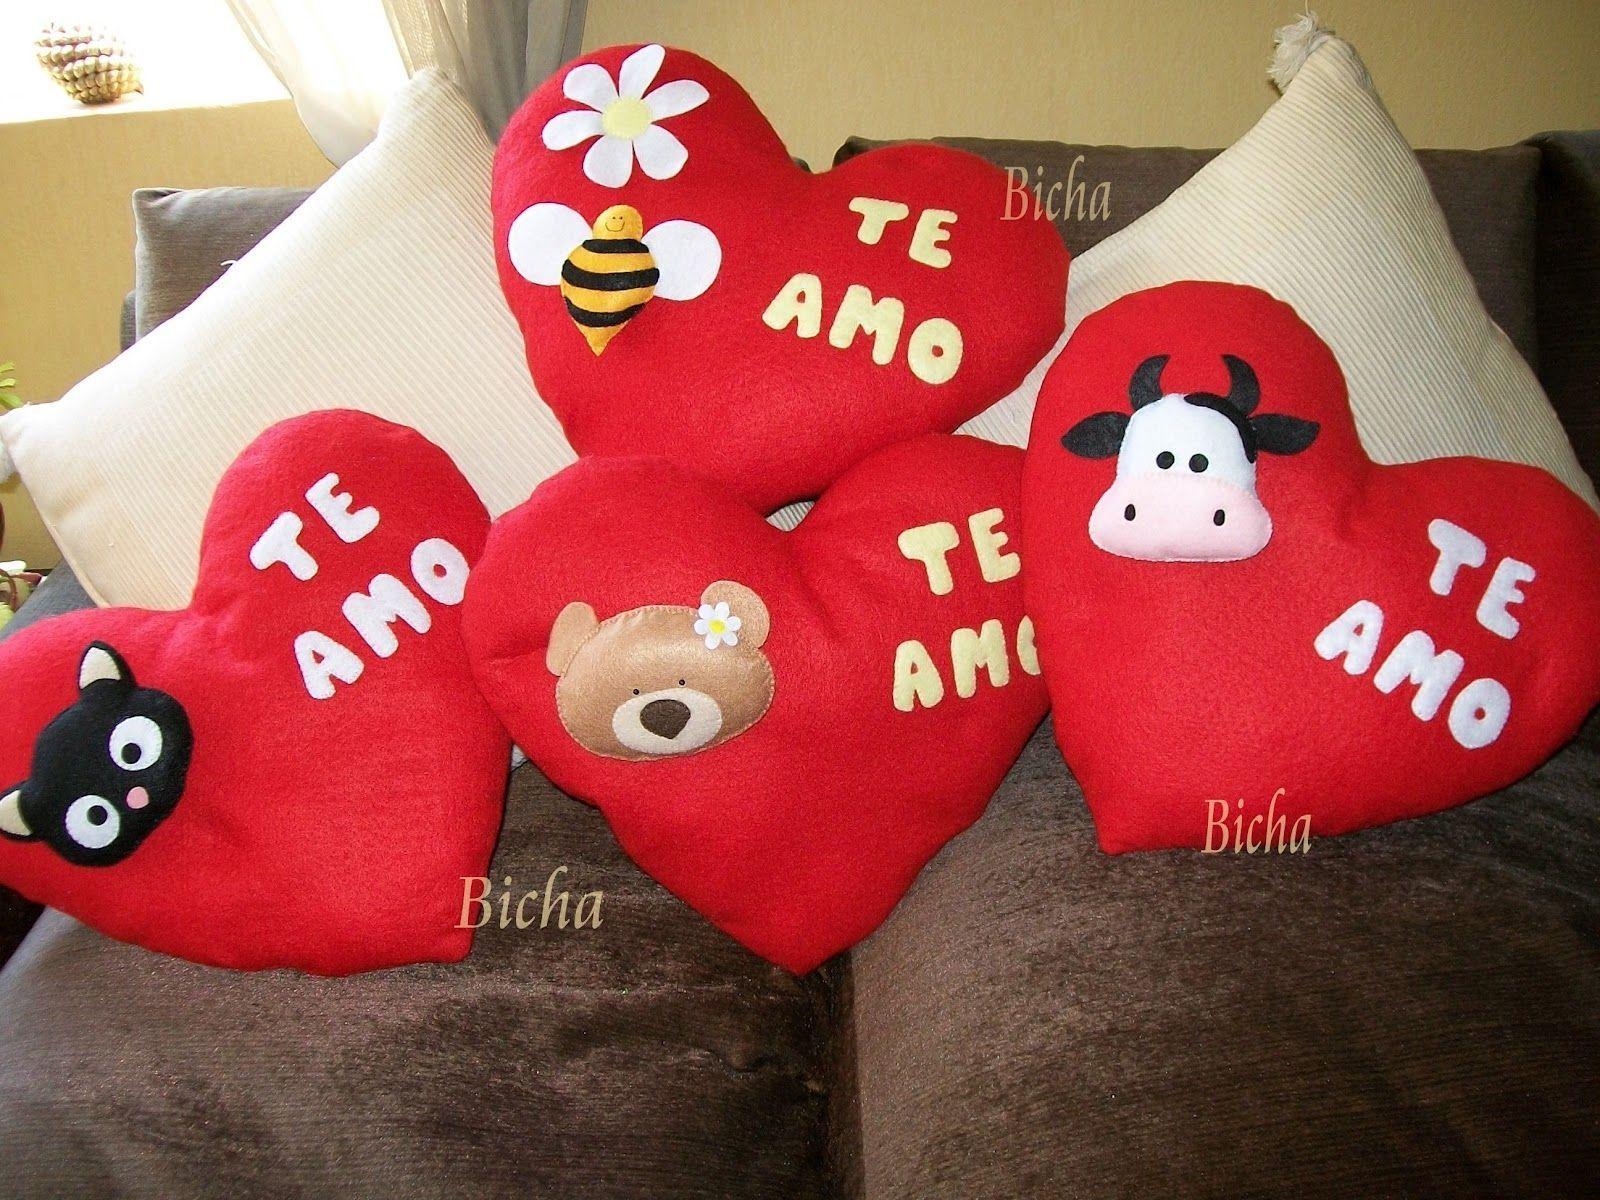 Cojines romanticos 14 de febrero pinterest san - Como hacer adornos de san valentin ...